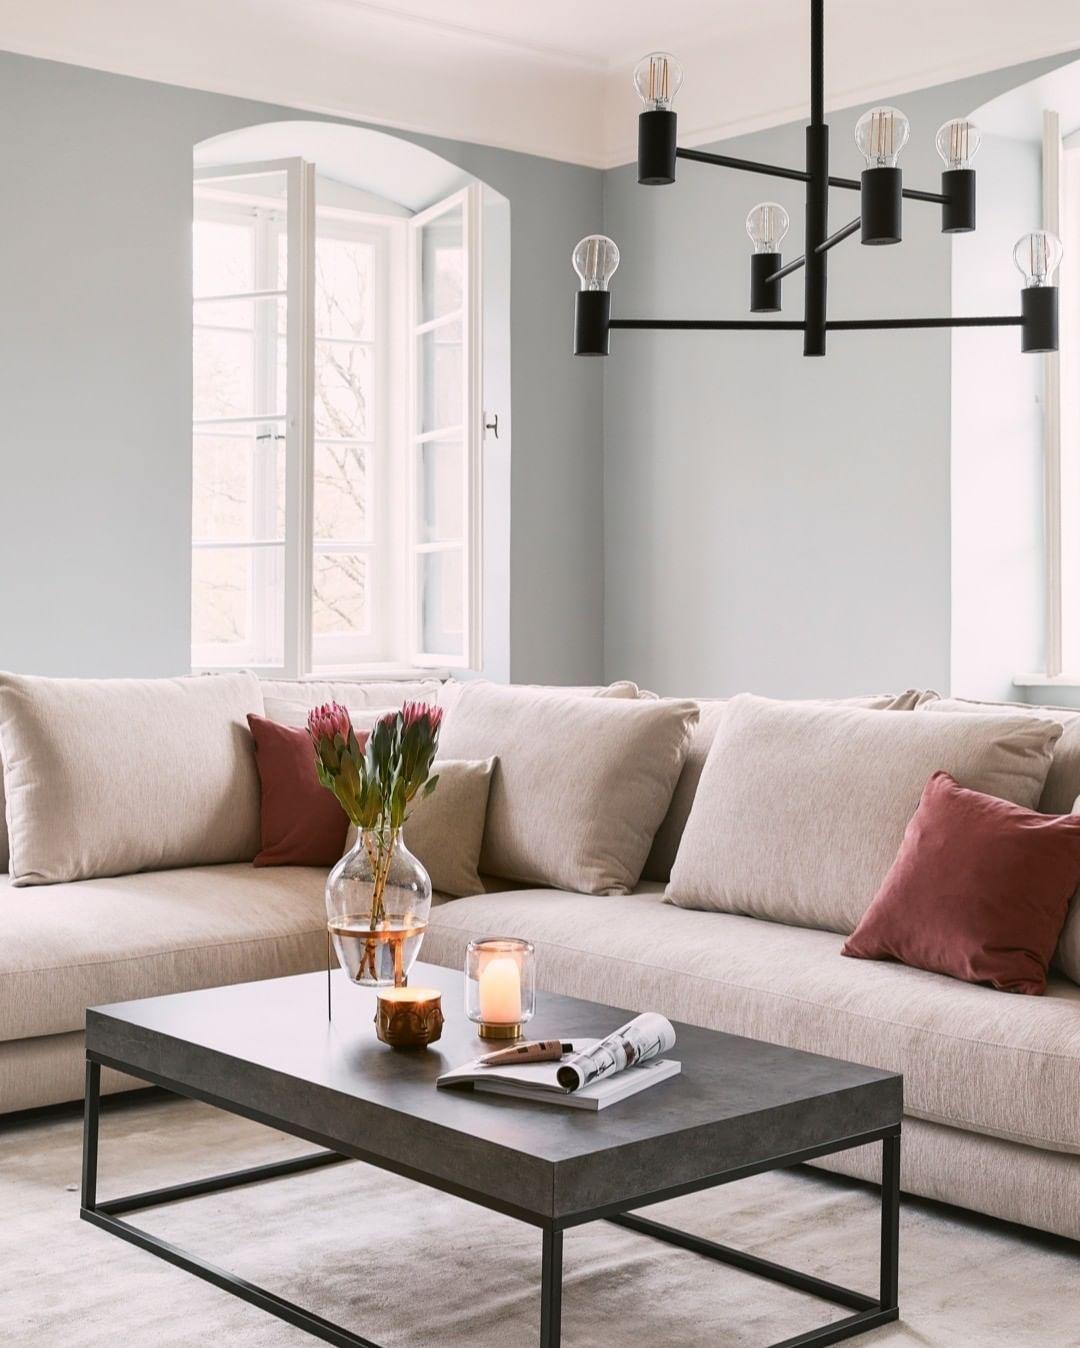 Westwing Deutschland On Instagram Ein Wohnzimmer Mit Wow Faktor Shoppt Die Produkte Westwing Mobel Wohnzimmer Einrichten Wohnzimmer